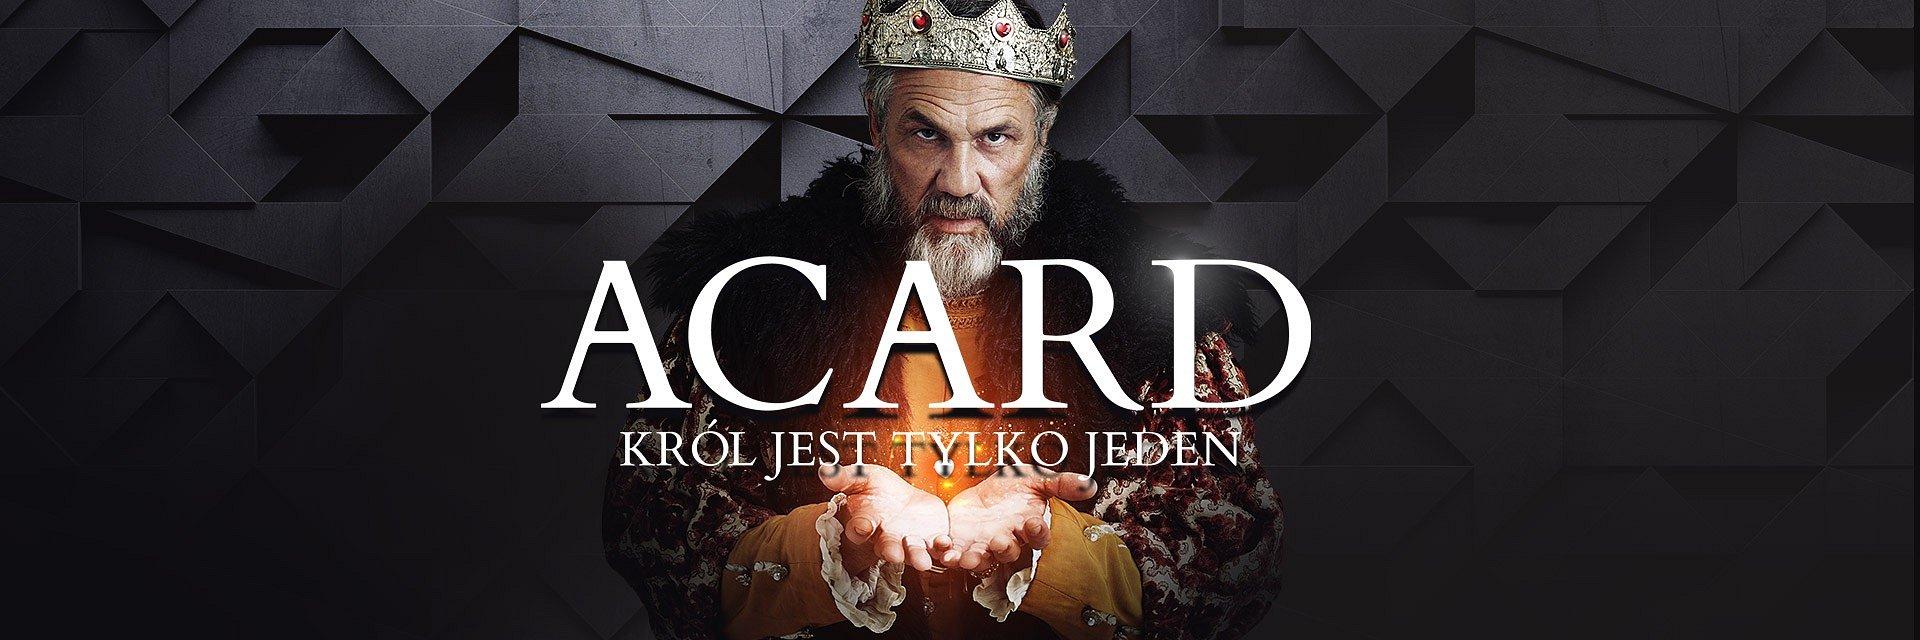 The Digitals przygotowała kampanię internetową marki Acard (Polpharma)